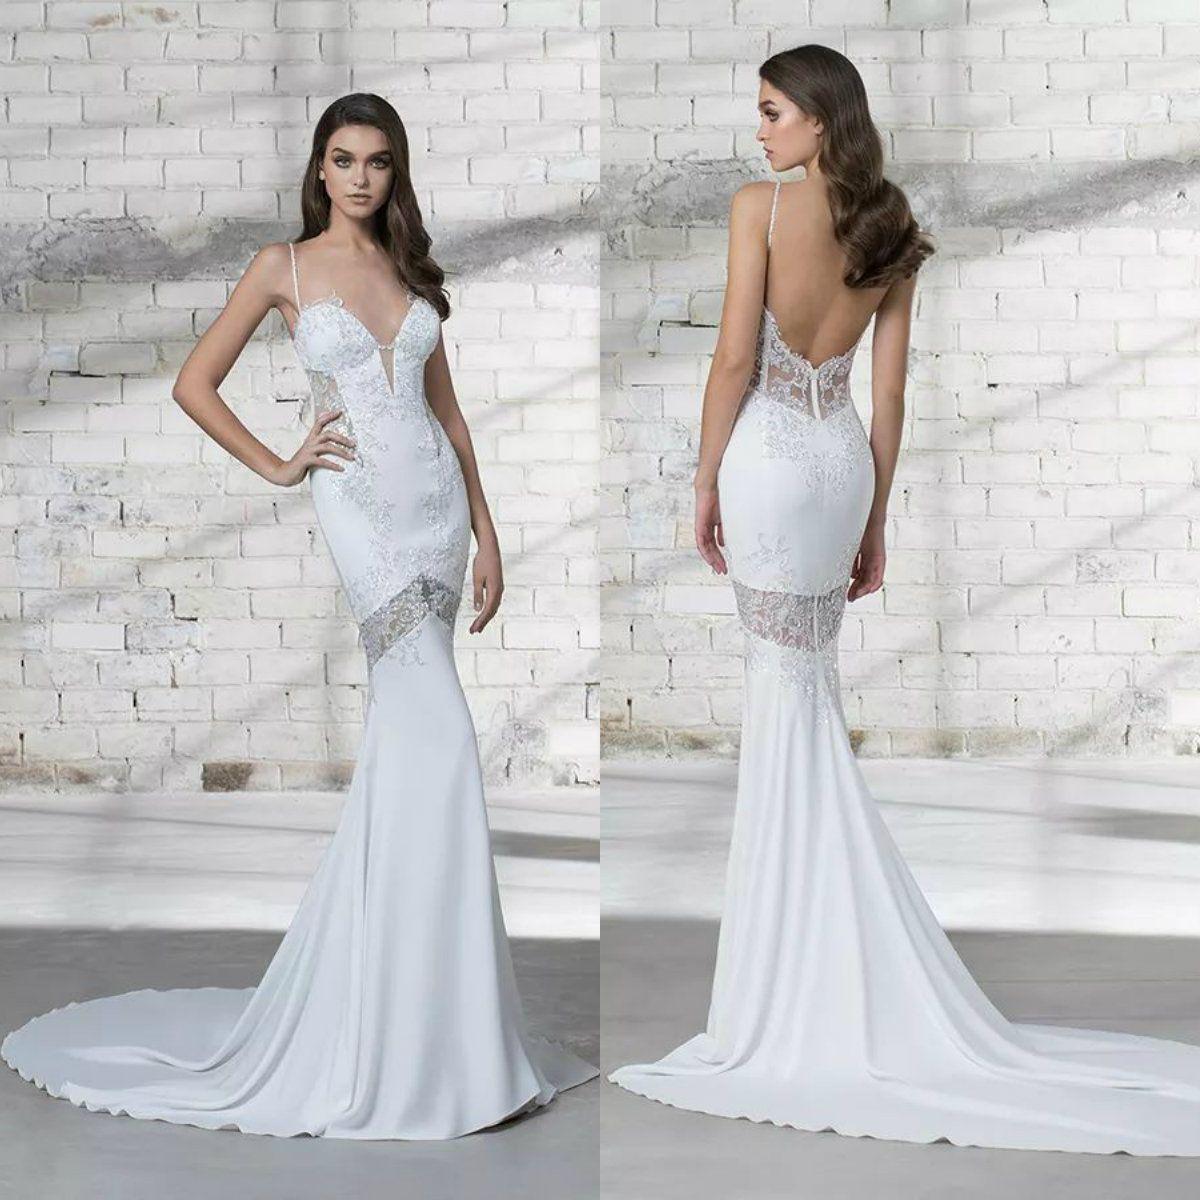 Pnina Tornai Wedding Dresses 2019: Vestidos Pnina Tornai Princesa